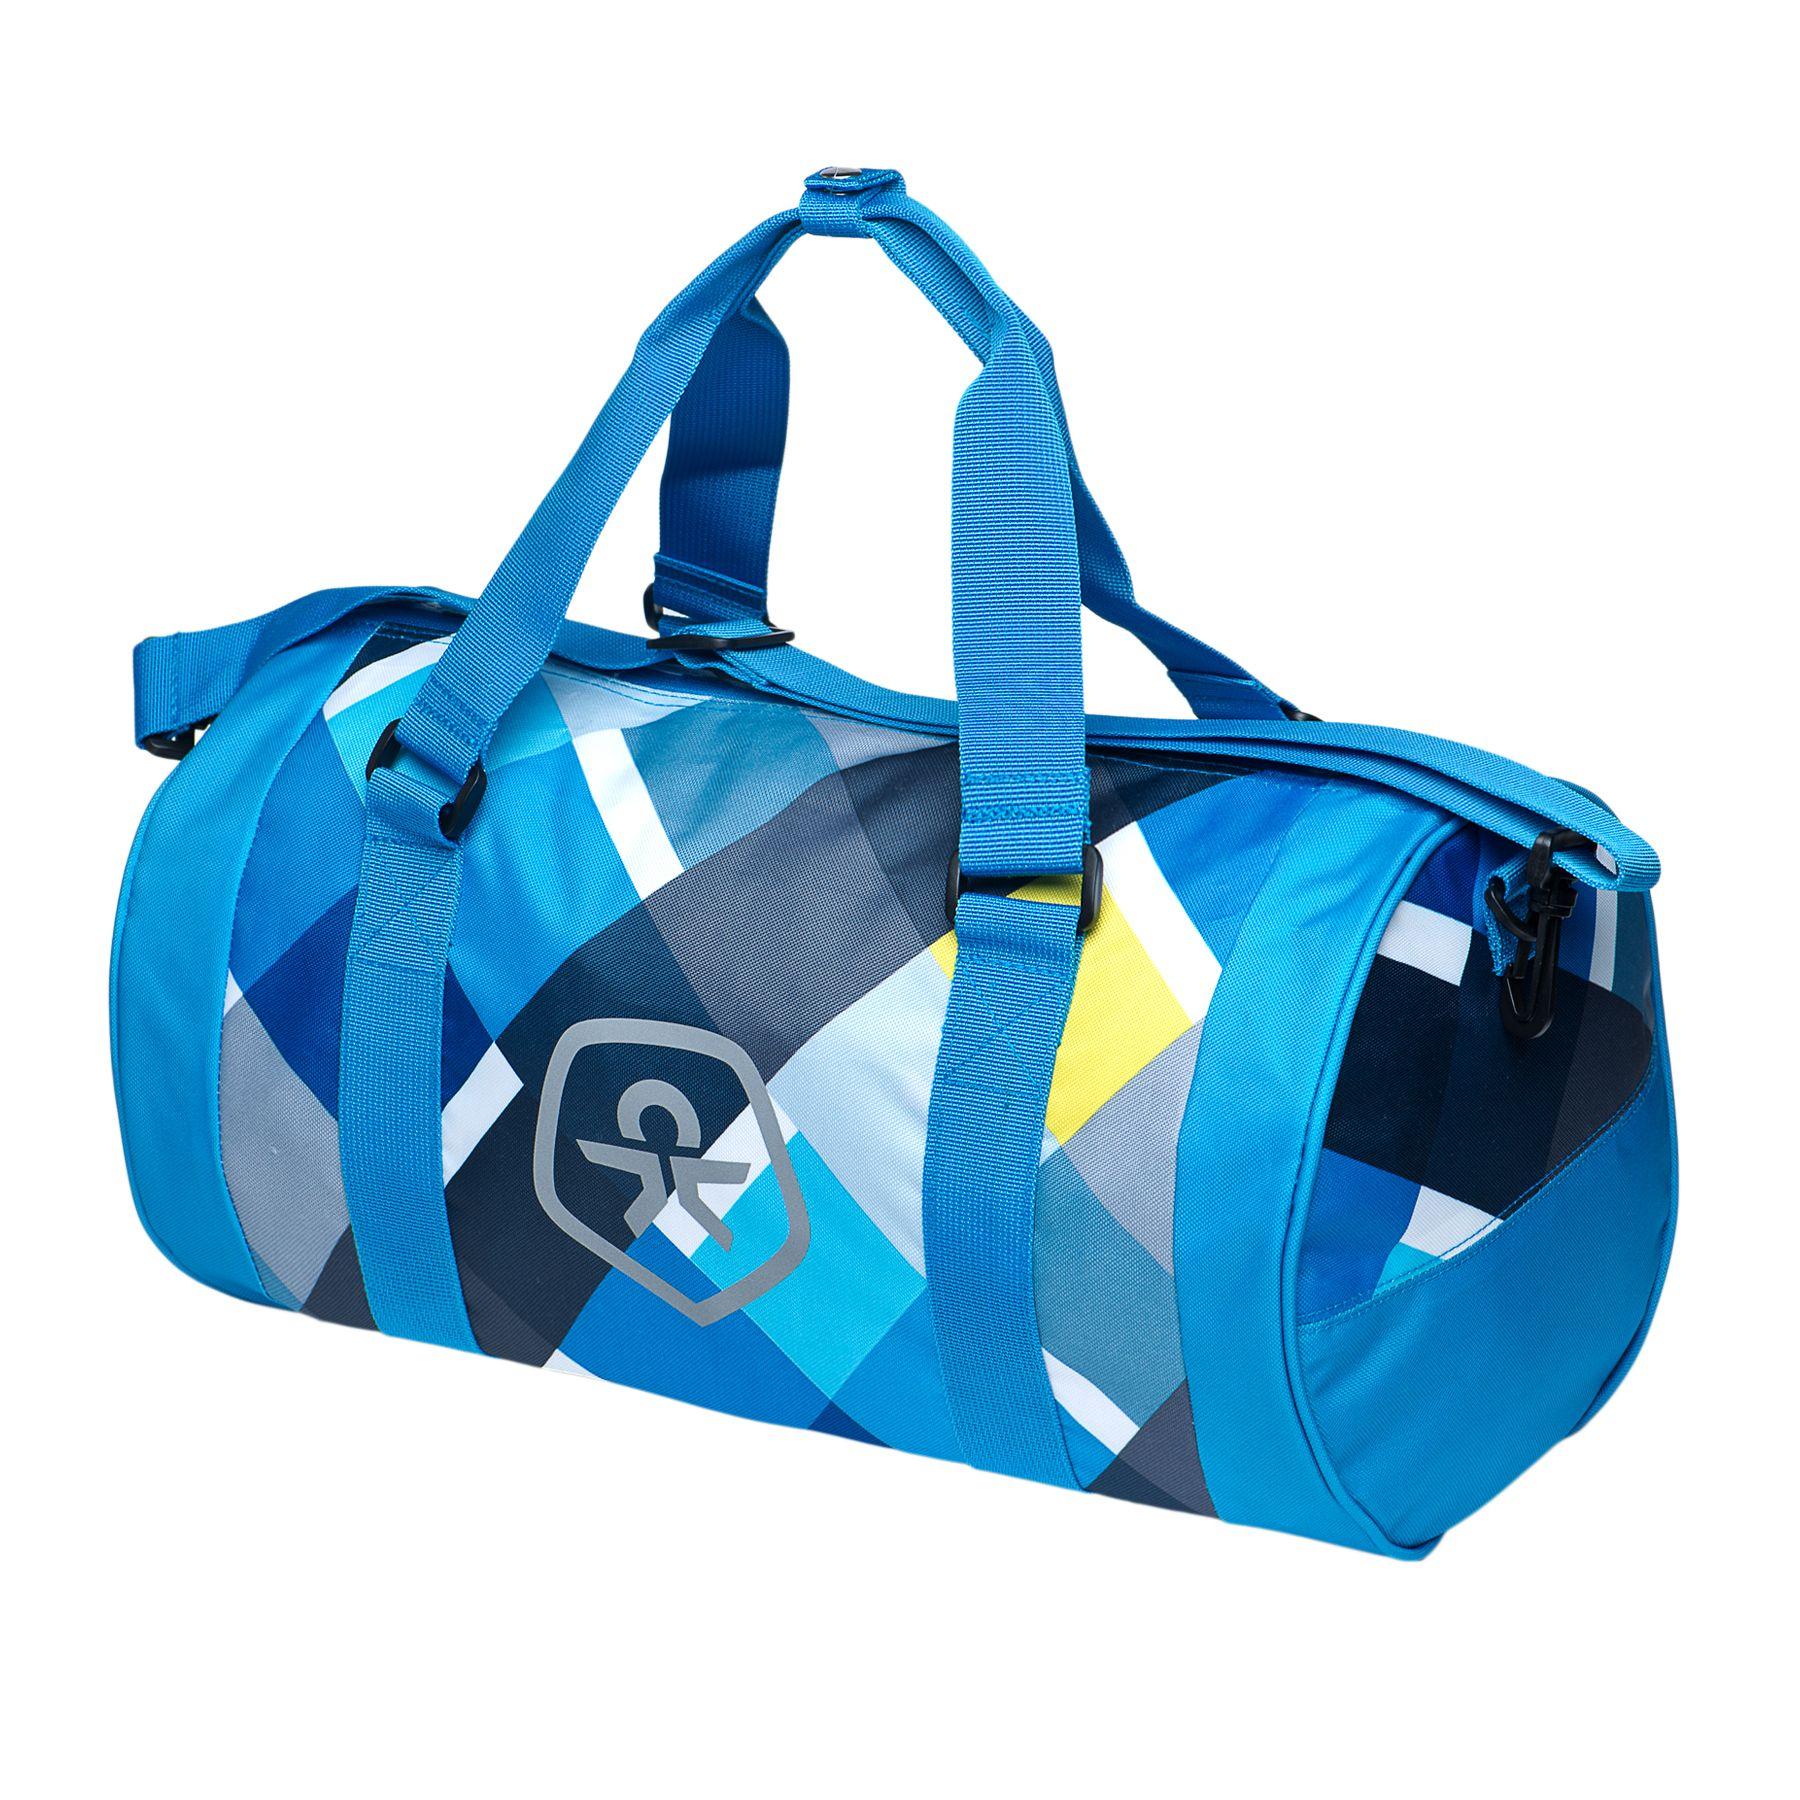 Color Kids Kurtki Dla Dzieci Wiosenne Buty Dla Dzieci Bags Gym Bag Fashion